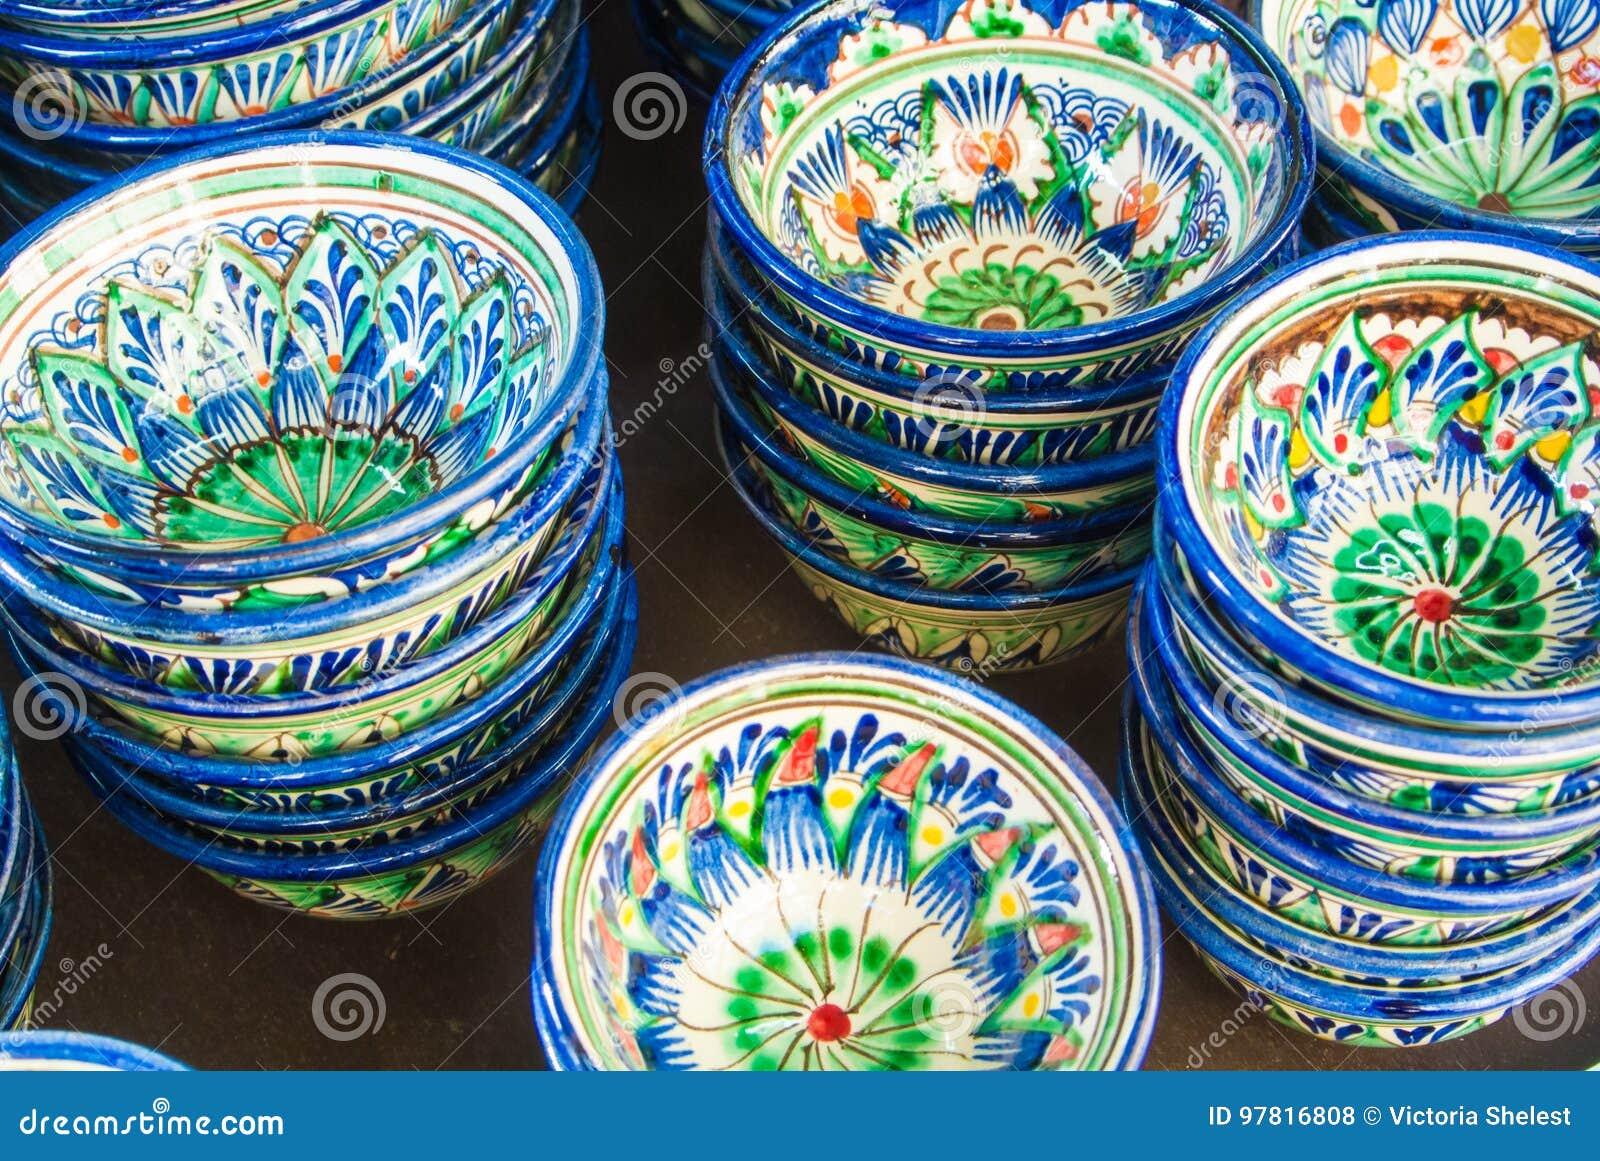 Tasses en céramique décoratives avec bleu et vert traditionnels près d Eas